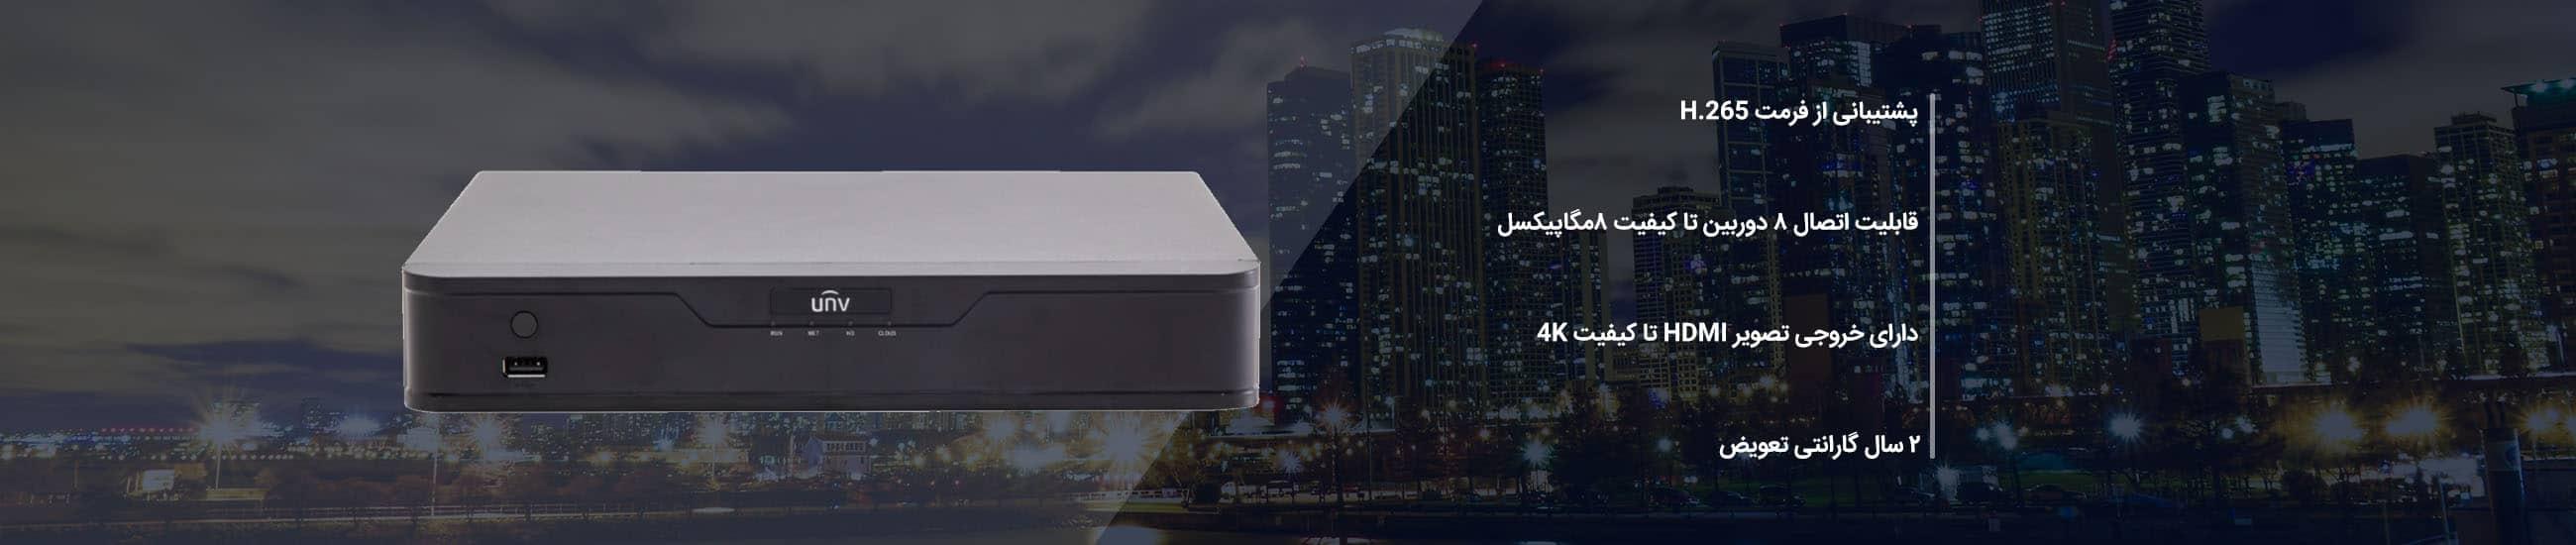 دستگاه ضبط تصویر تحت شبکه مدل NVR301-08E